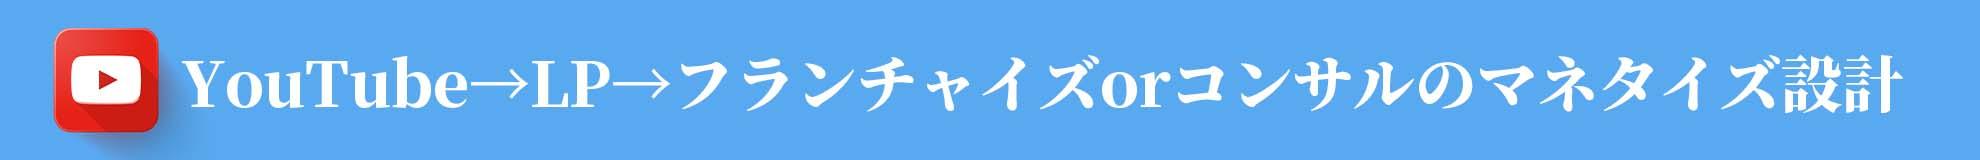 Youtube→LP→コンサル・フランチャイズのマネタイズ設計